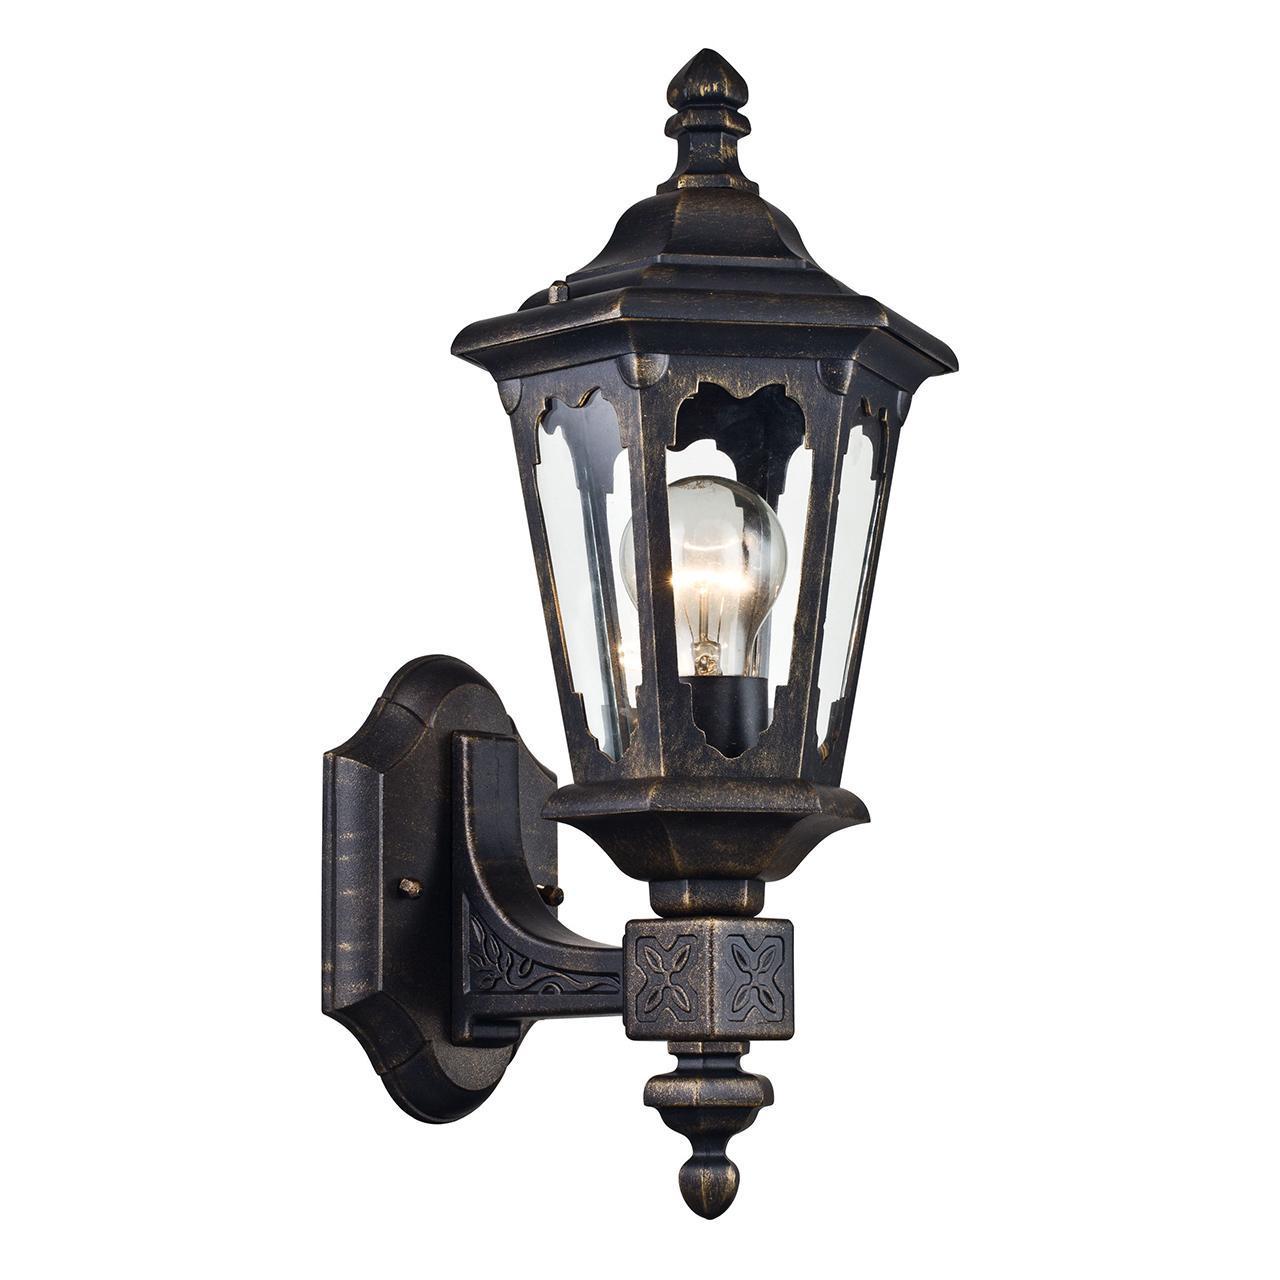 Уличный настенный светильник Maytoni Oxford S101-42-11-R подвесной светильник maytoni oxford s101 10 41 r